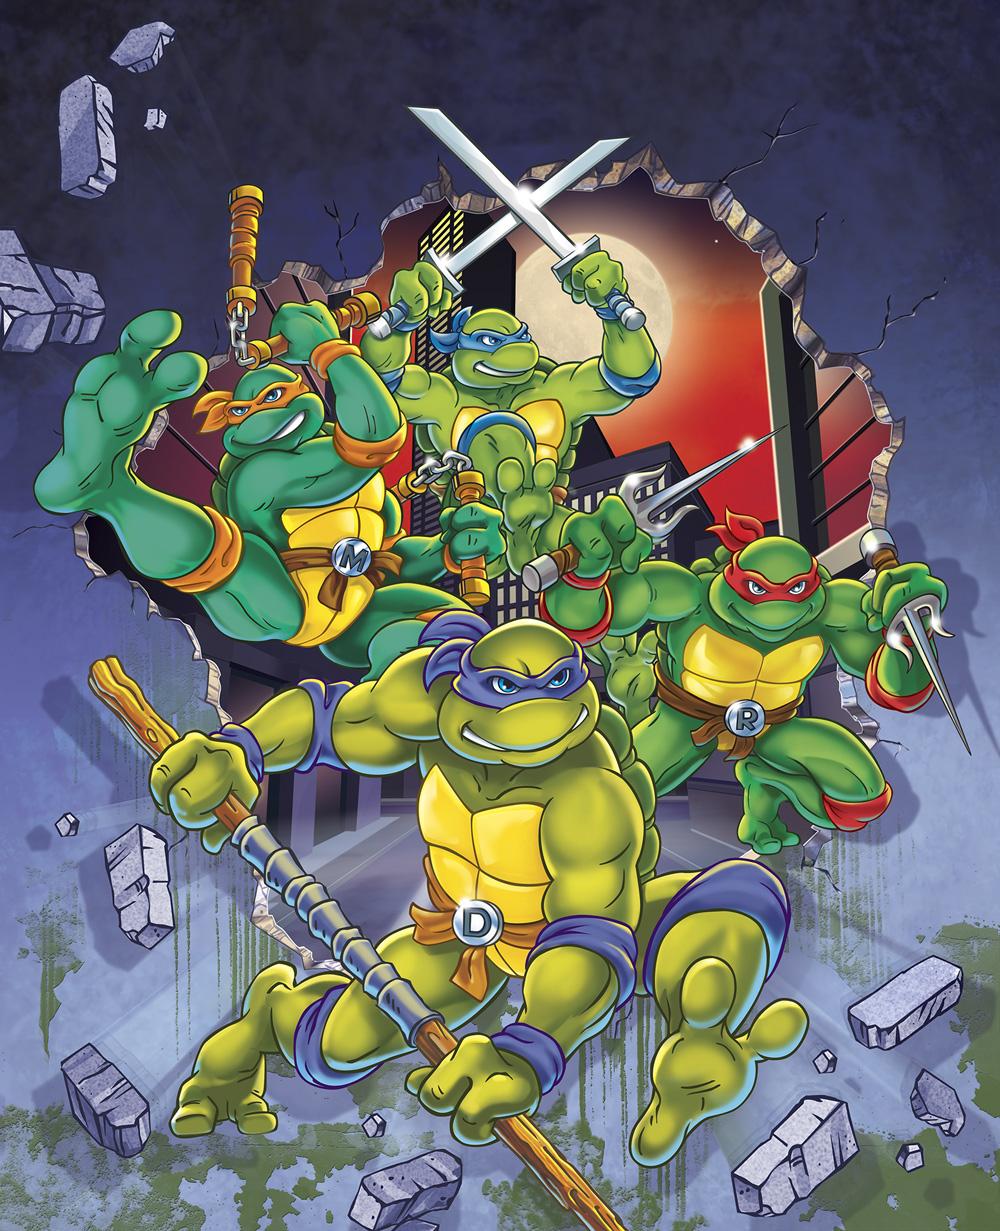 Te Teenage Mutant Ninja Turtles Tv Show - Teenage mutant ninja turtles season 9 packaging key art